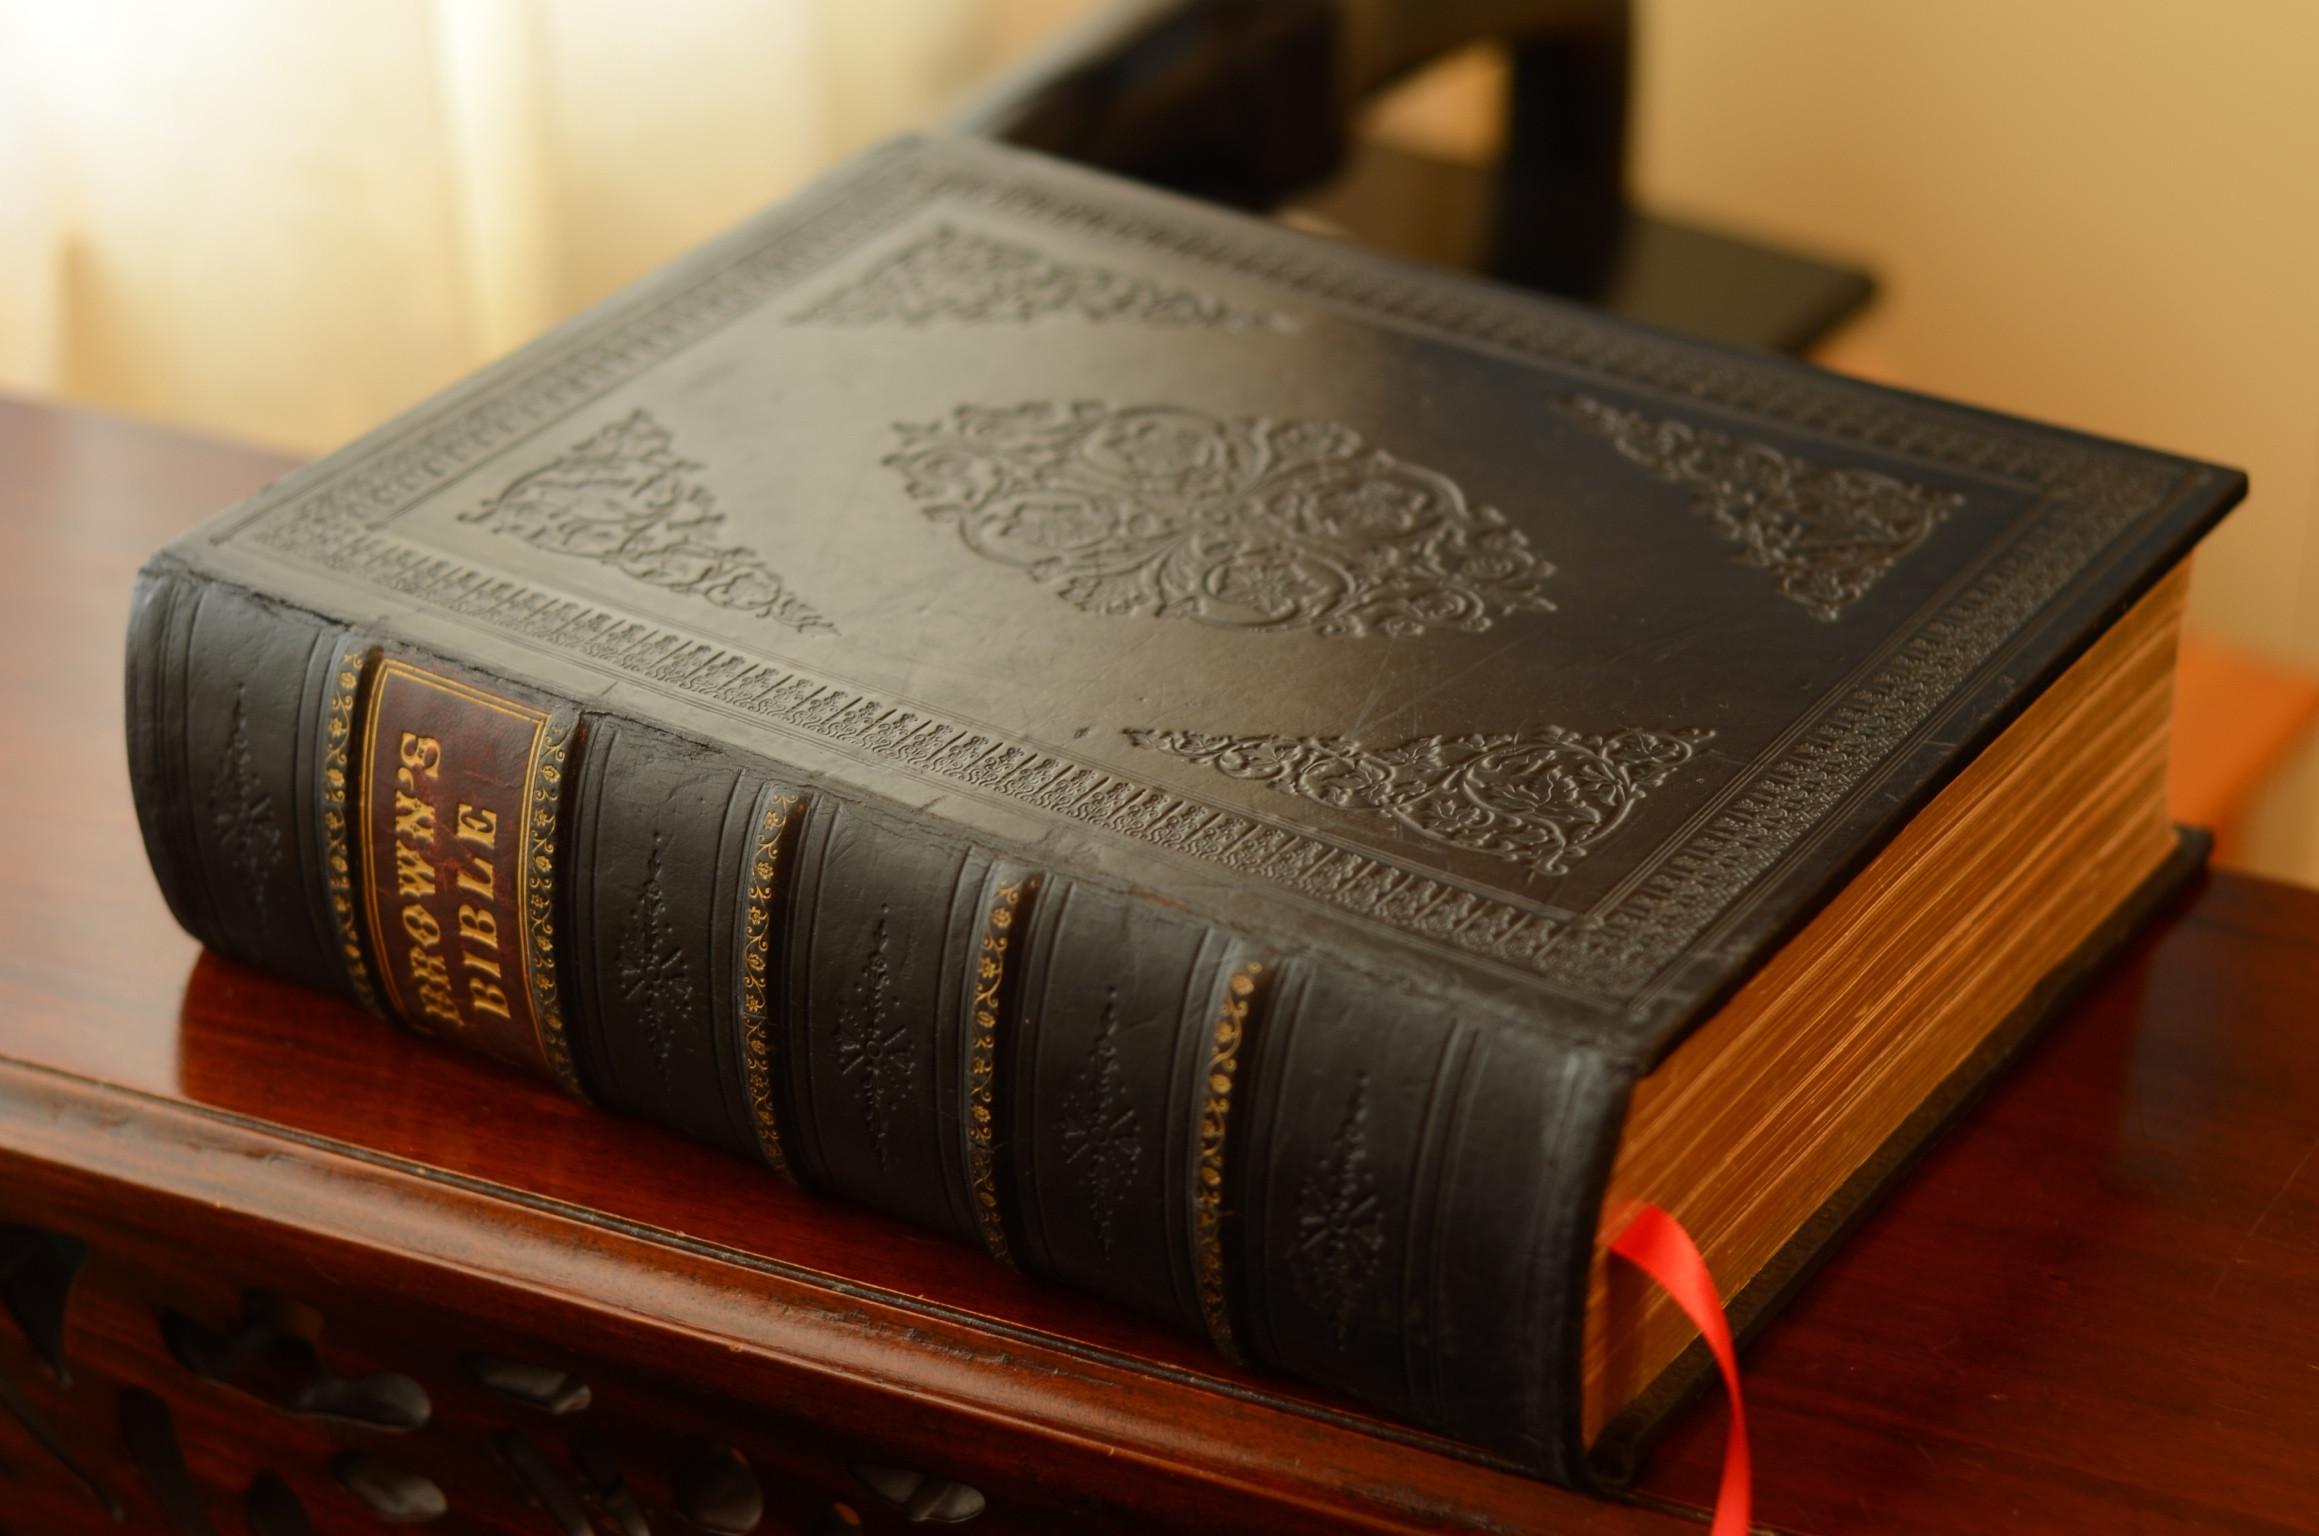 Restoration of Antique Books